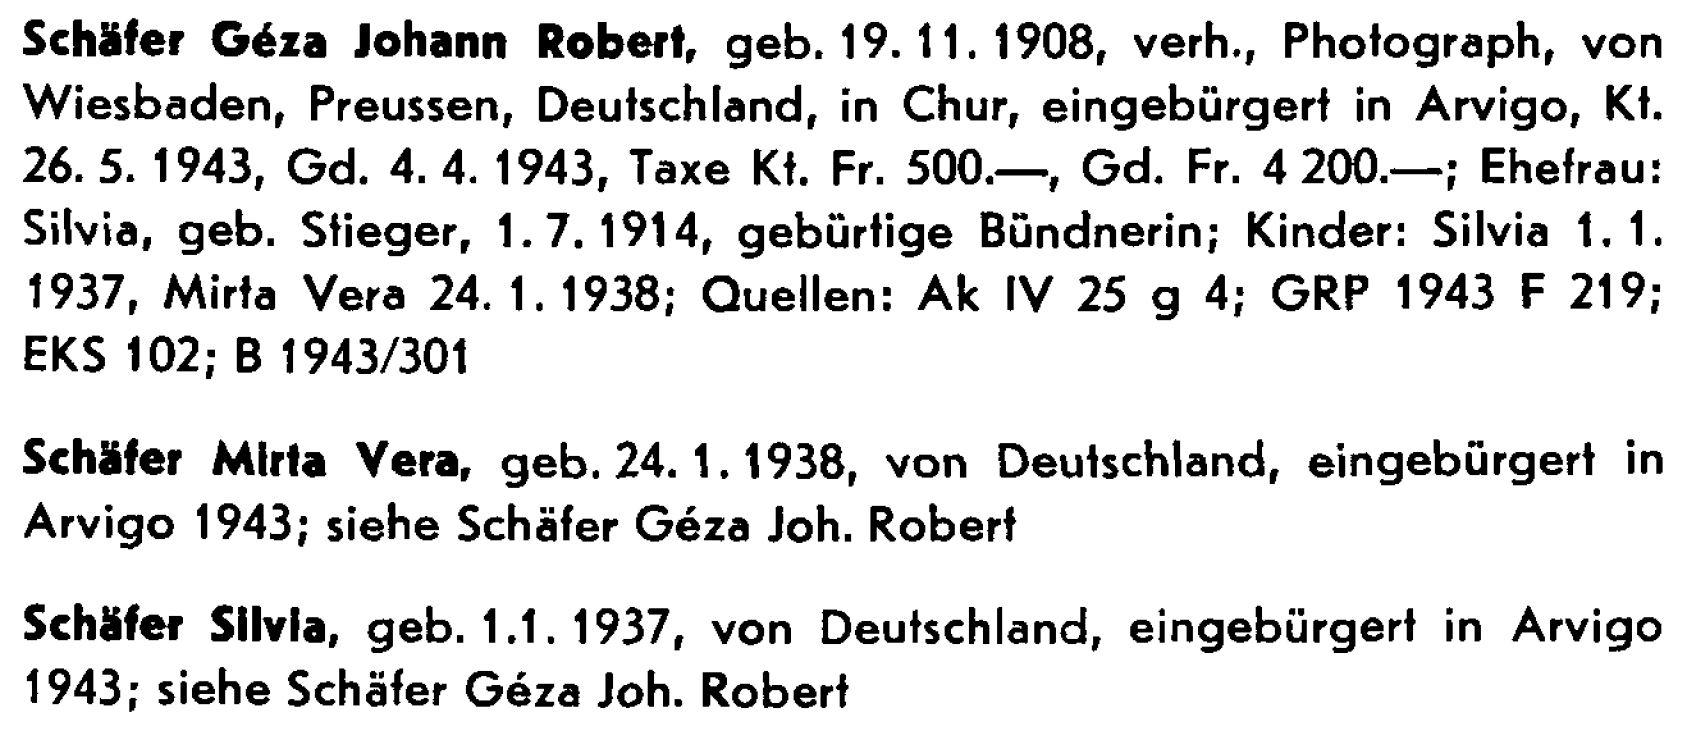 Géza Johann Robert Schäfer